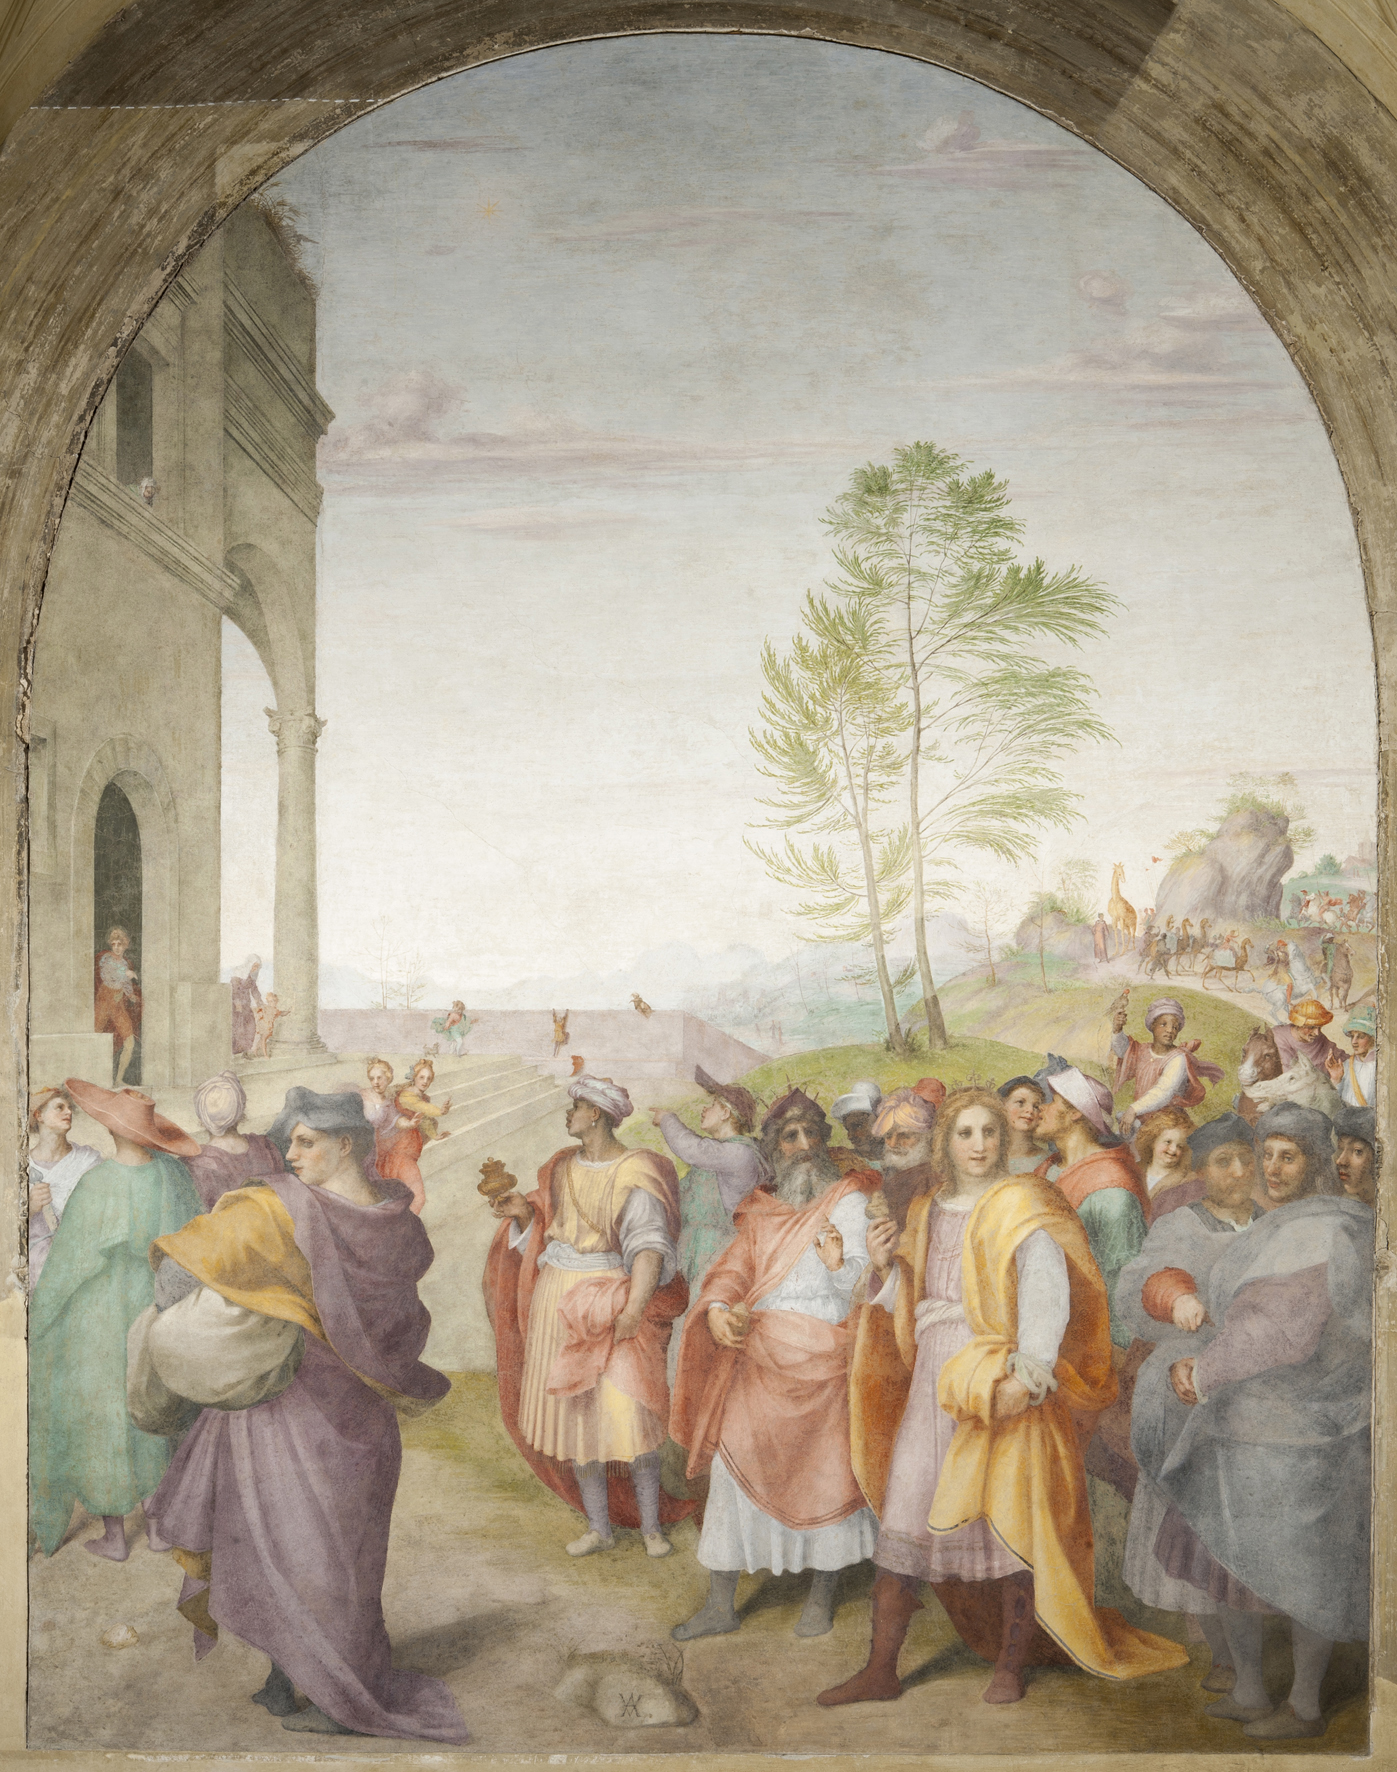 Andrea fresco